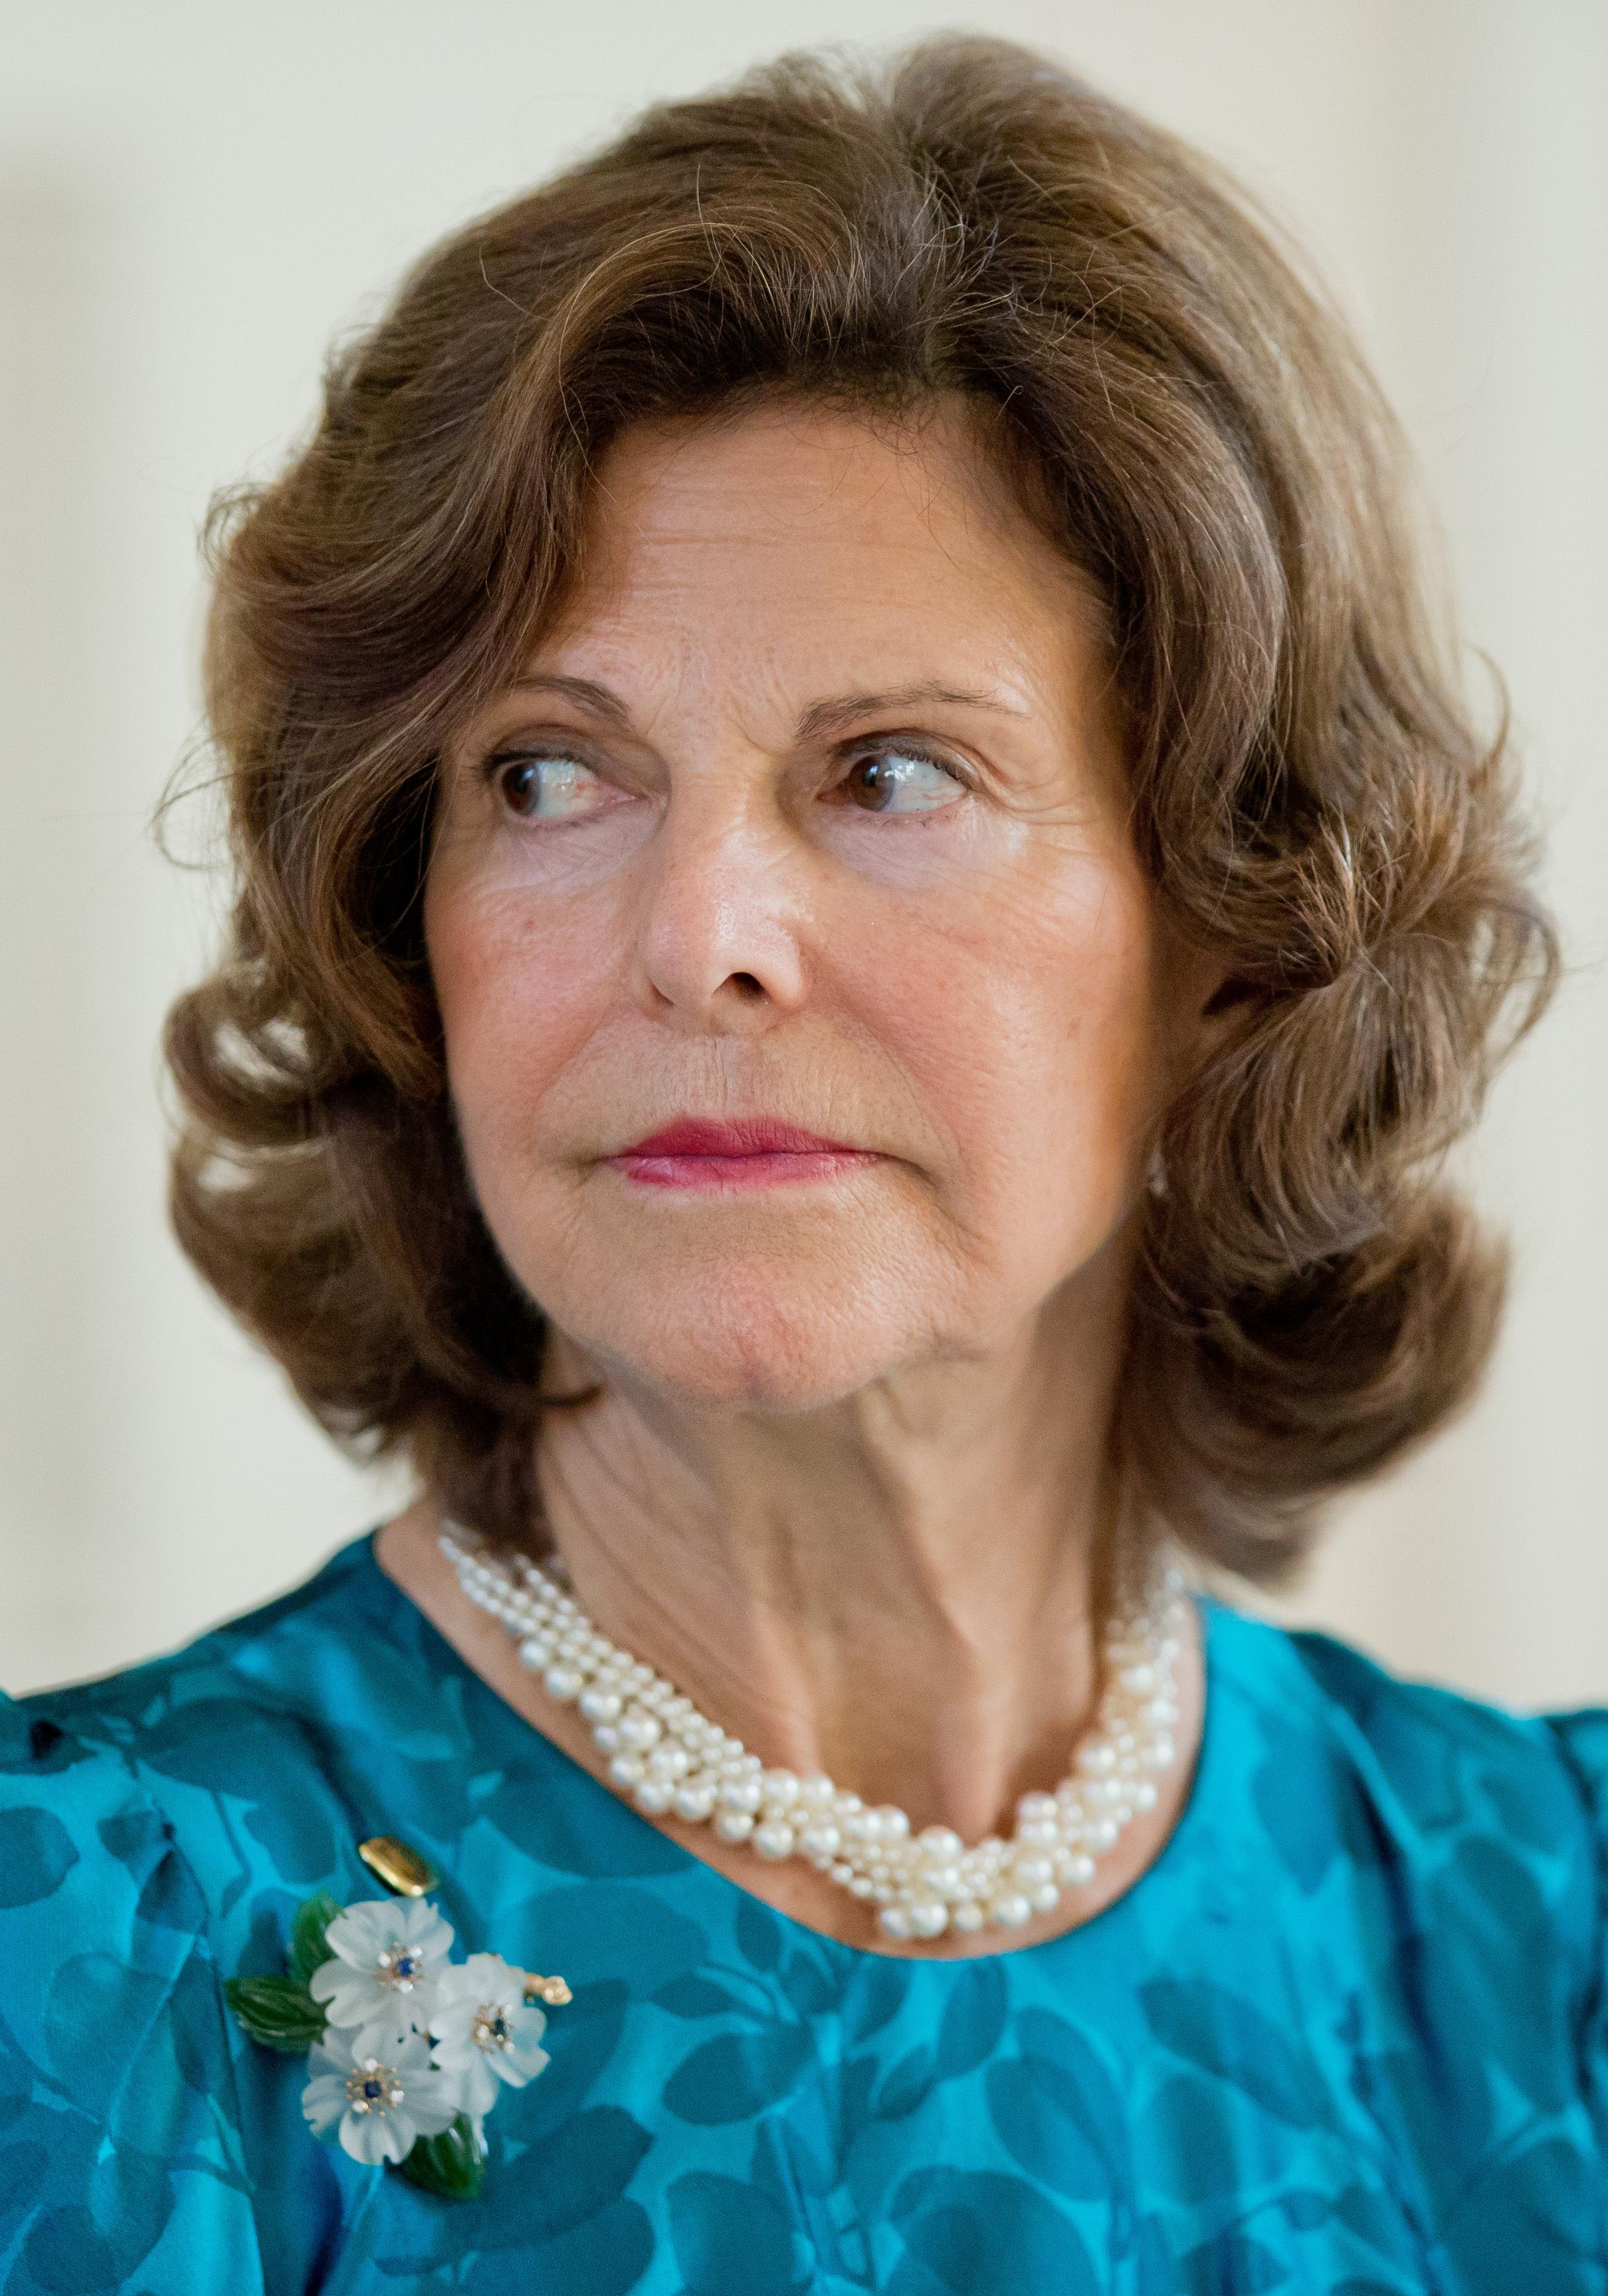 """Königin Silvia hat sich intensiv mit der Vergangenheit ihres Vaters auseinandergesetzt. """"Ich habe keinen Grund, mein Bild von meinem geliebten Vater zu ändern"""", so die Frau von König Carl Gustaf. ©dpa"""